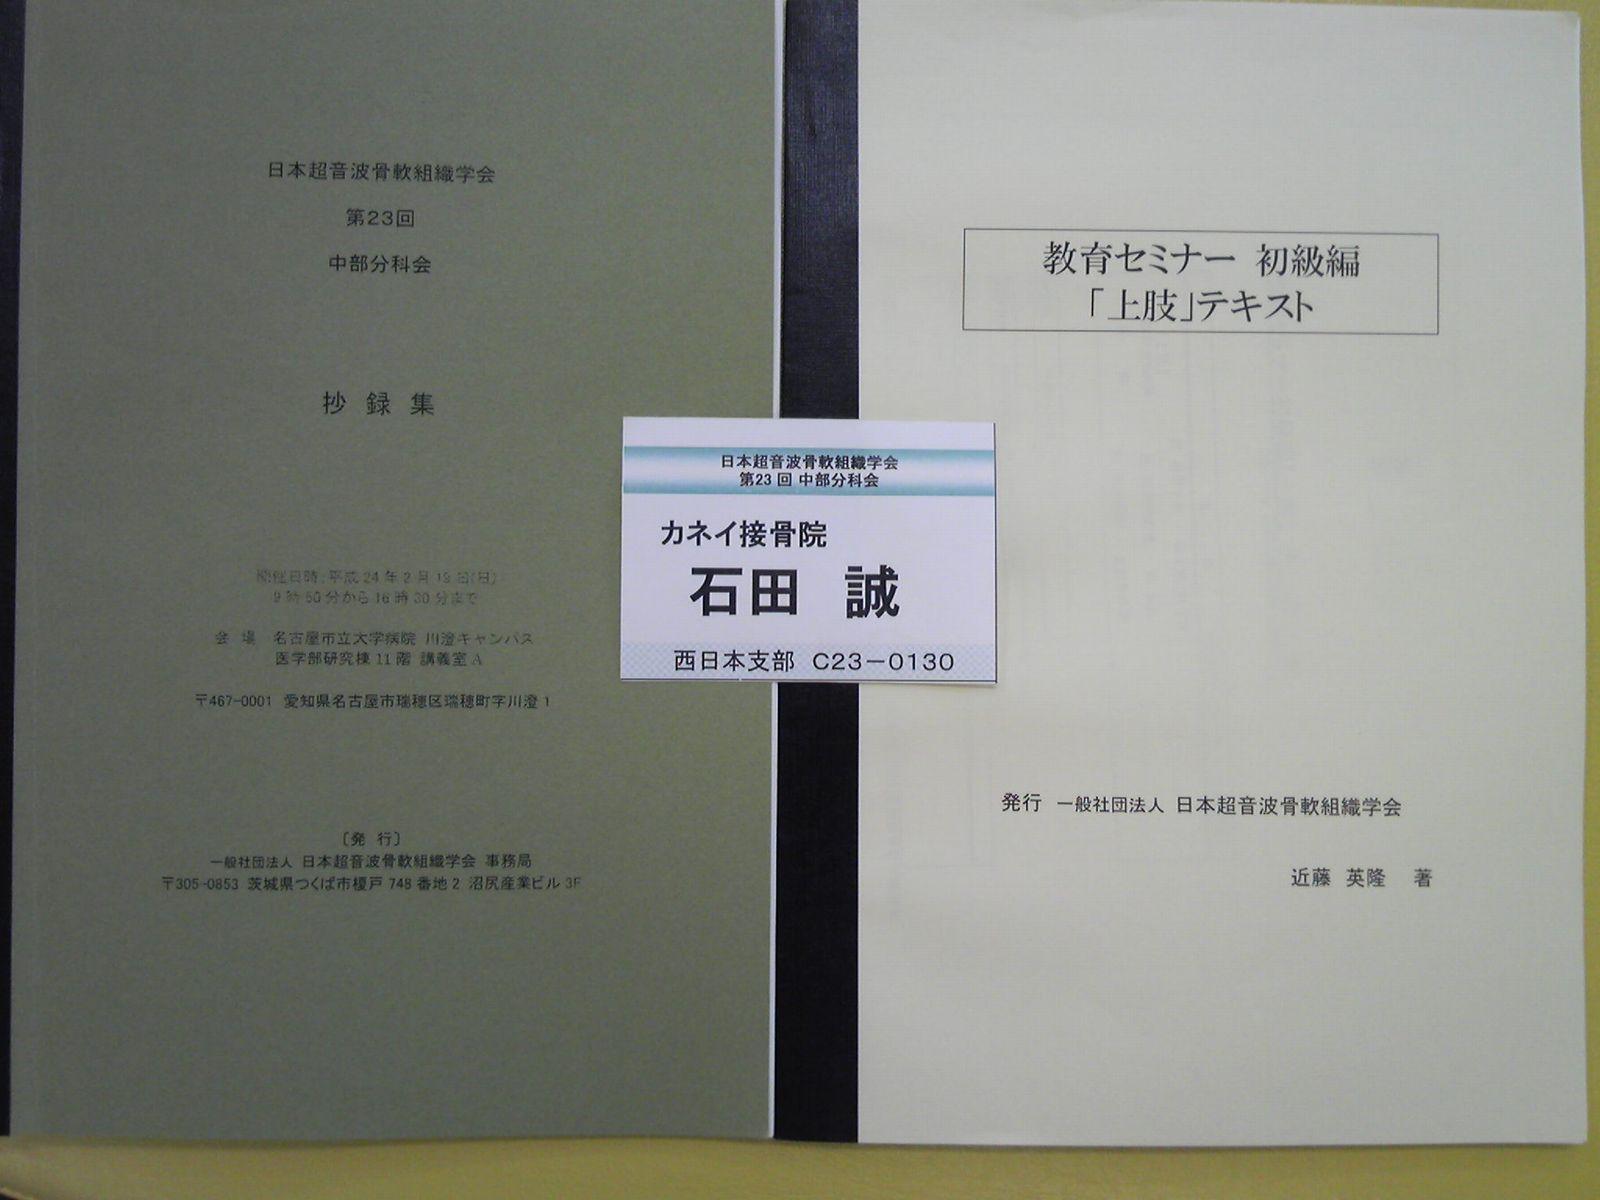 日本超音波骨軟骨組織学会_c0234975_7335895.jpg